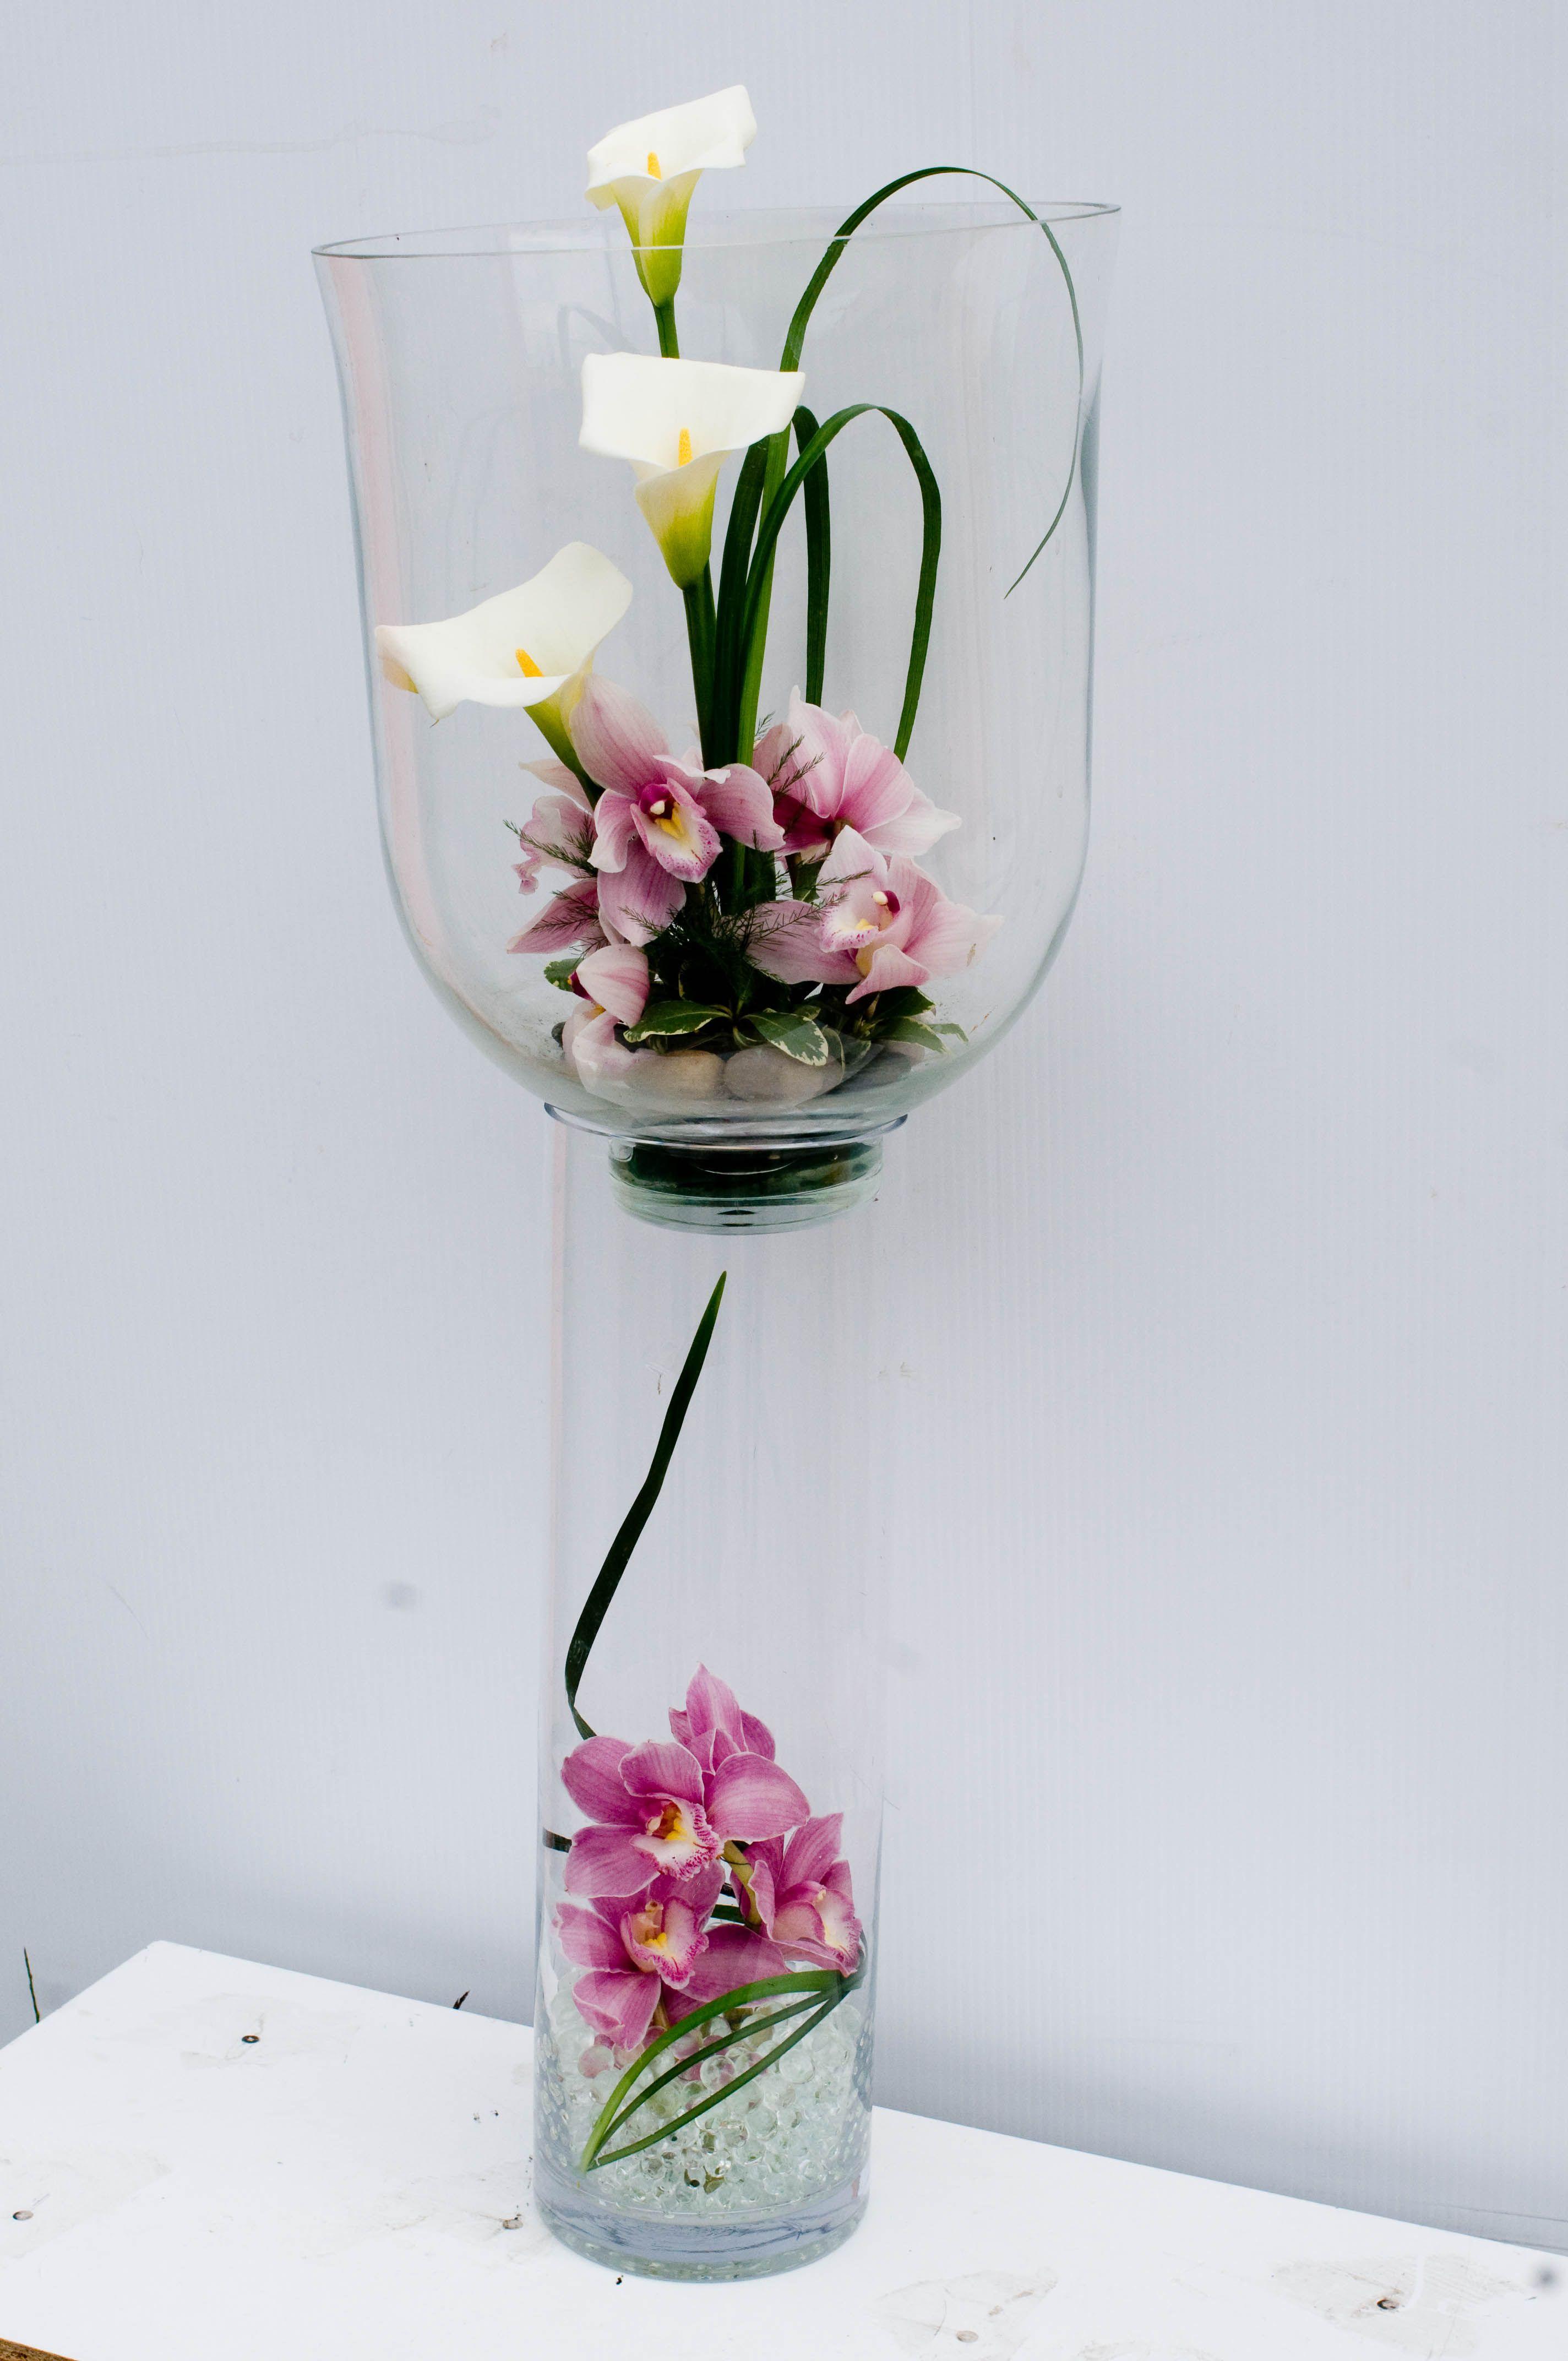 flower arrange in wine glass VAS171 WINE GLASS FANTASY II